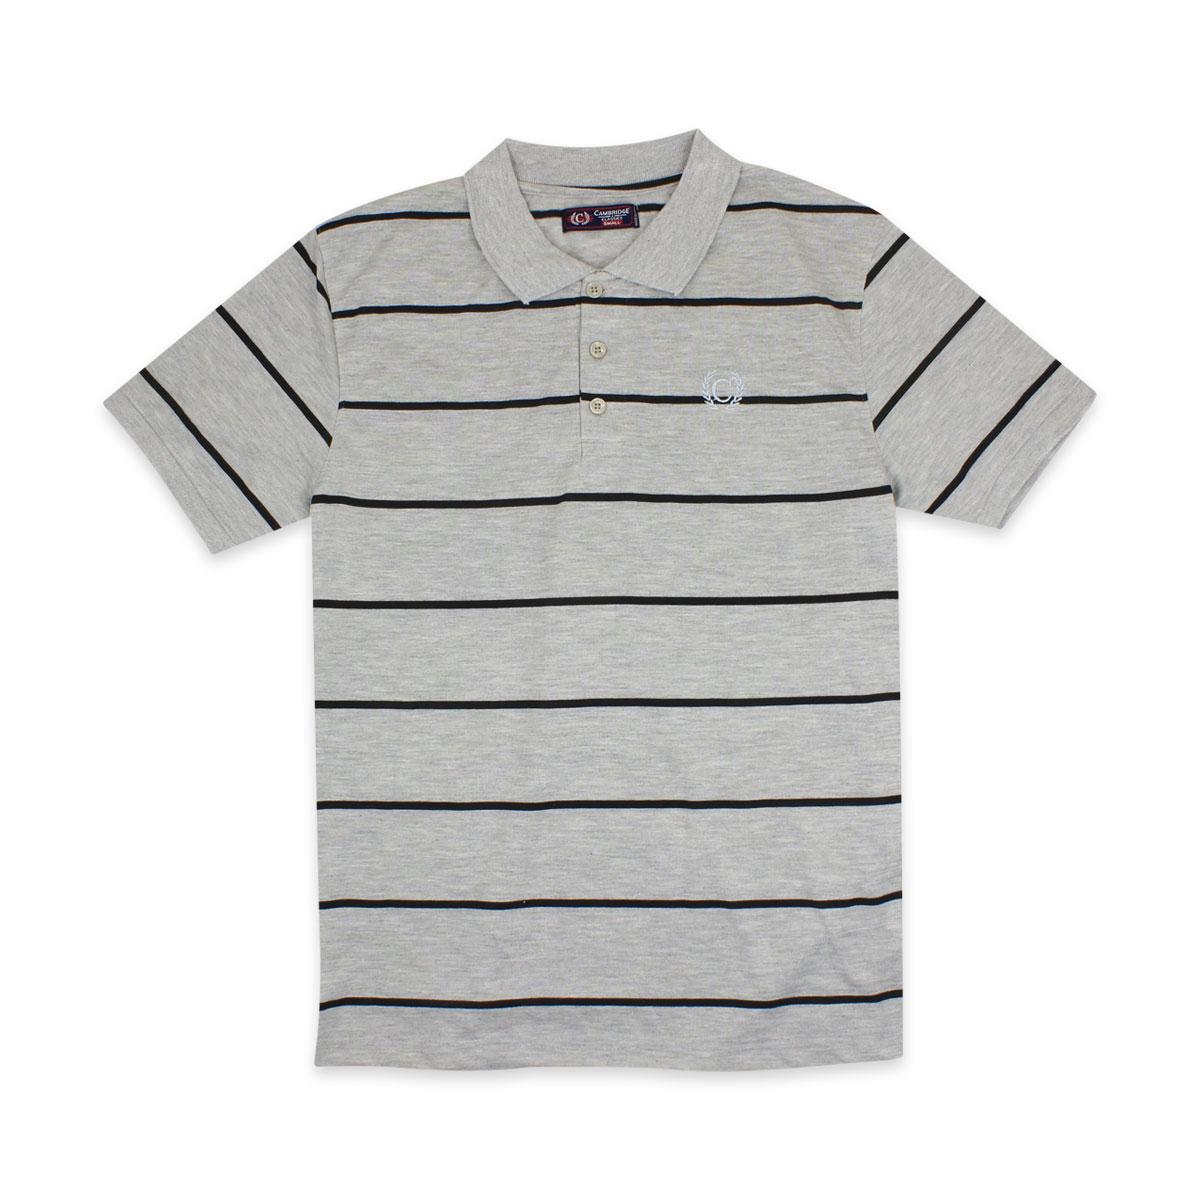 Camisas-Polo-Para-Hombre-A-Rayas-Pique-Con-Cuello-camiseta-Camiseta-Manga-Corta-De-Verano-S-M-L-XL miniatura 54